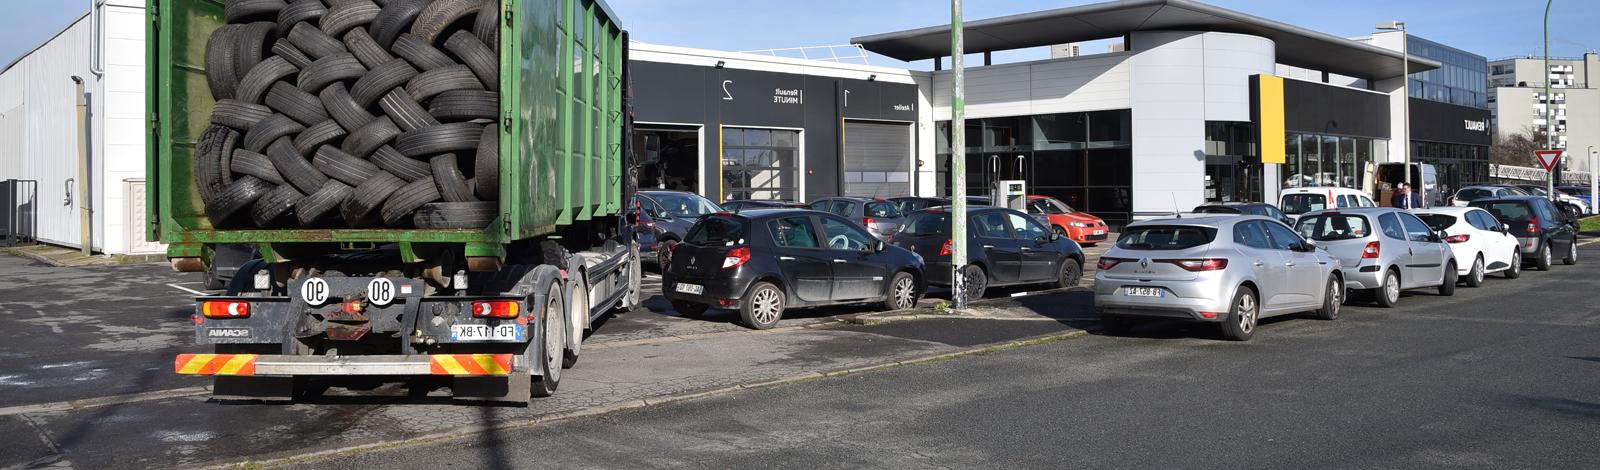 Collecte de pneus usagés par le GIE France Recyclage Pneumatiques